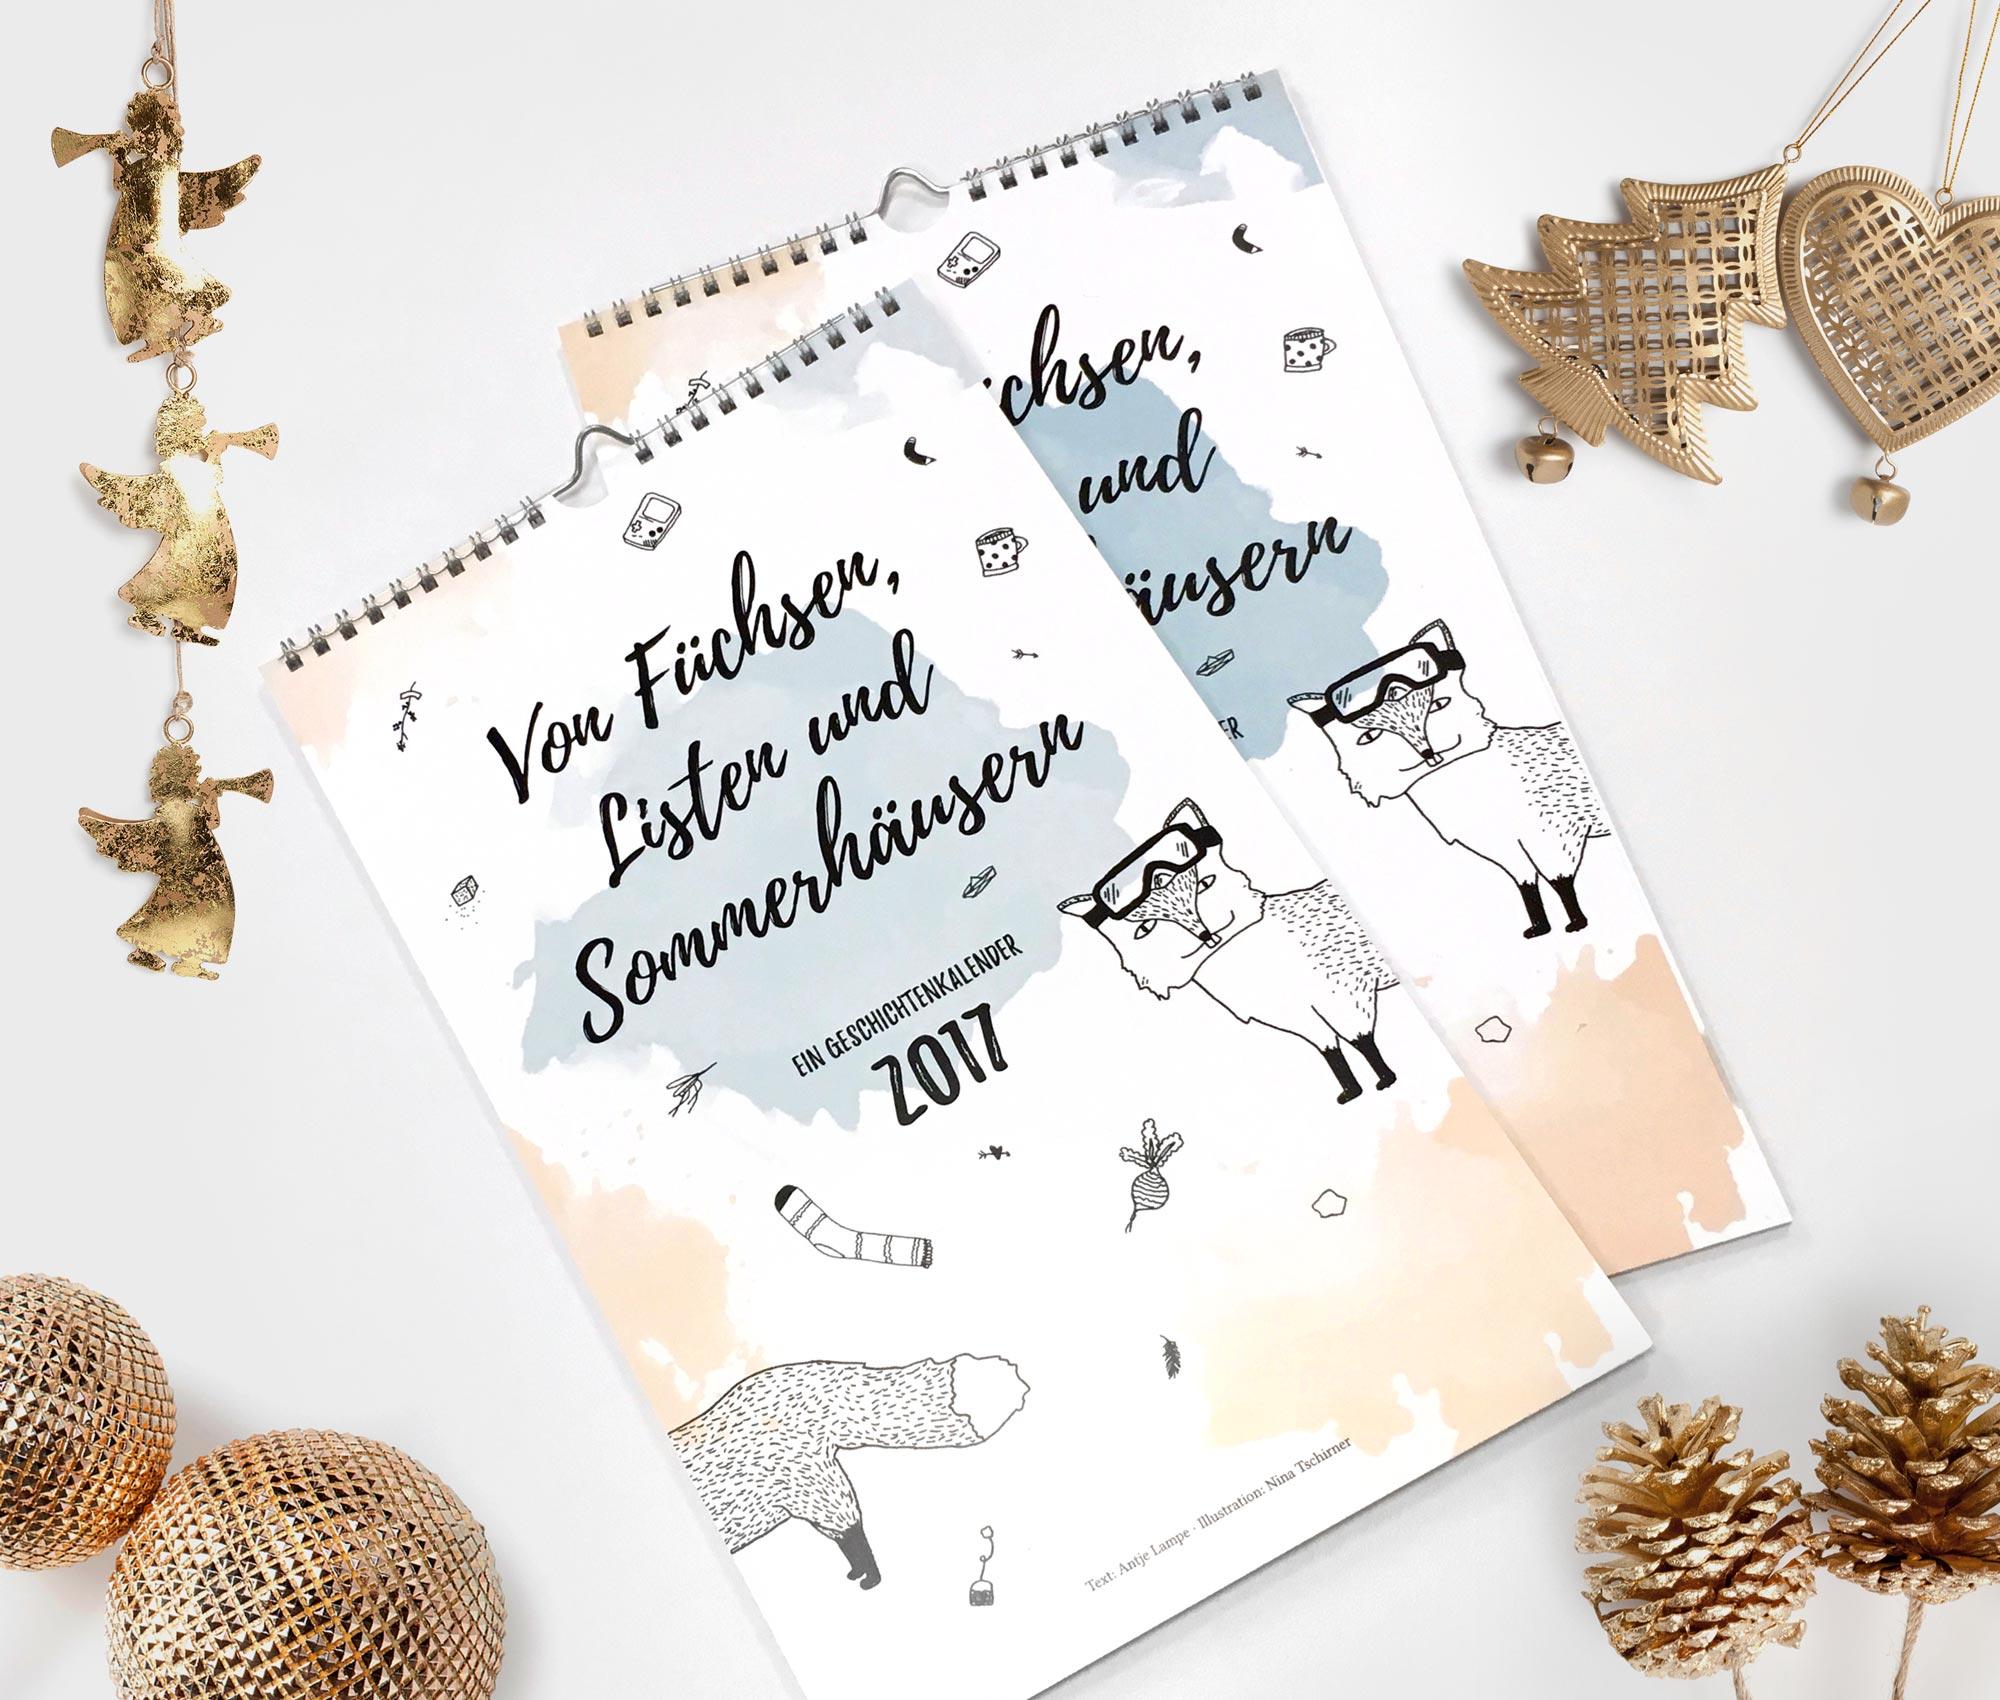 Der besondere Kalender 2017 mit liebevoll gestalteten Illustrationen und einmaligen Geschichten